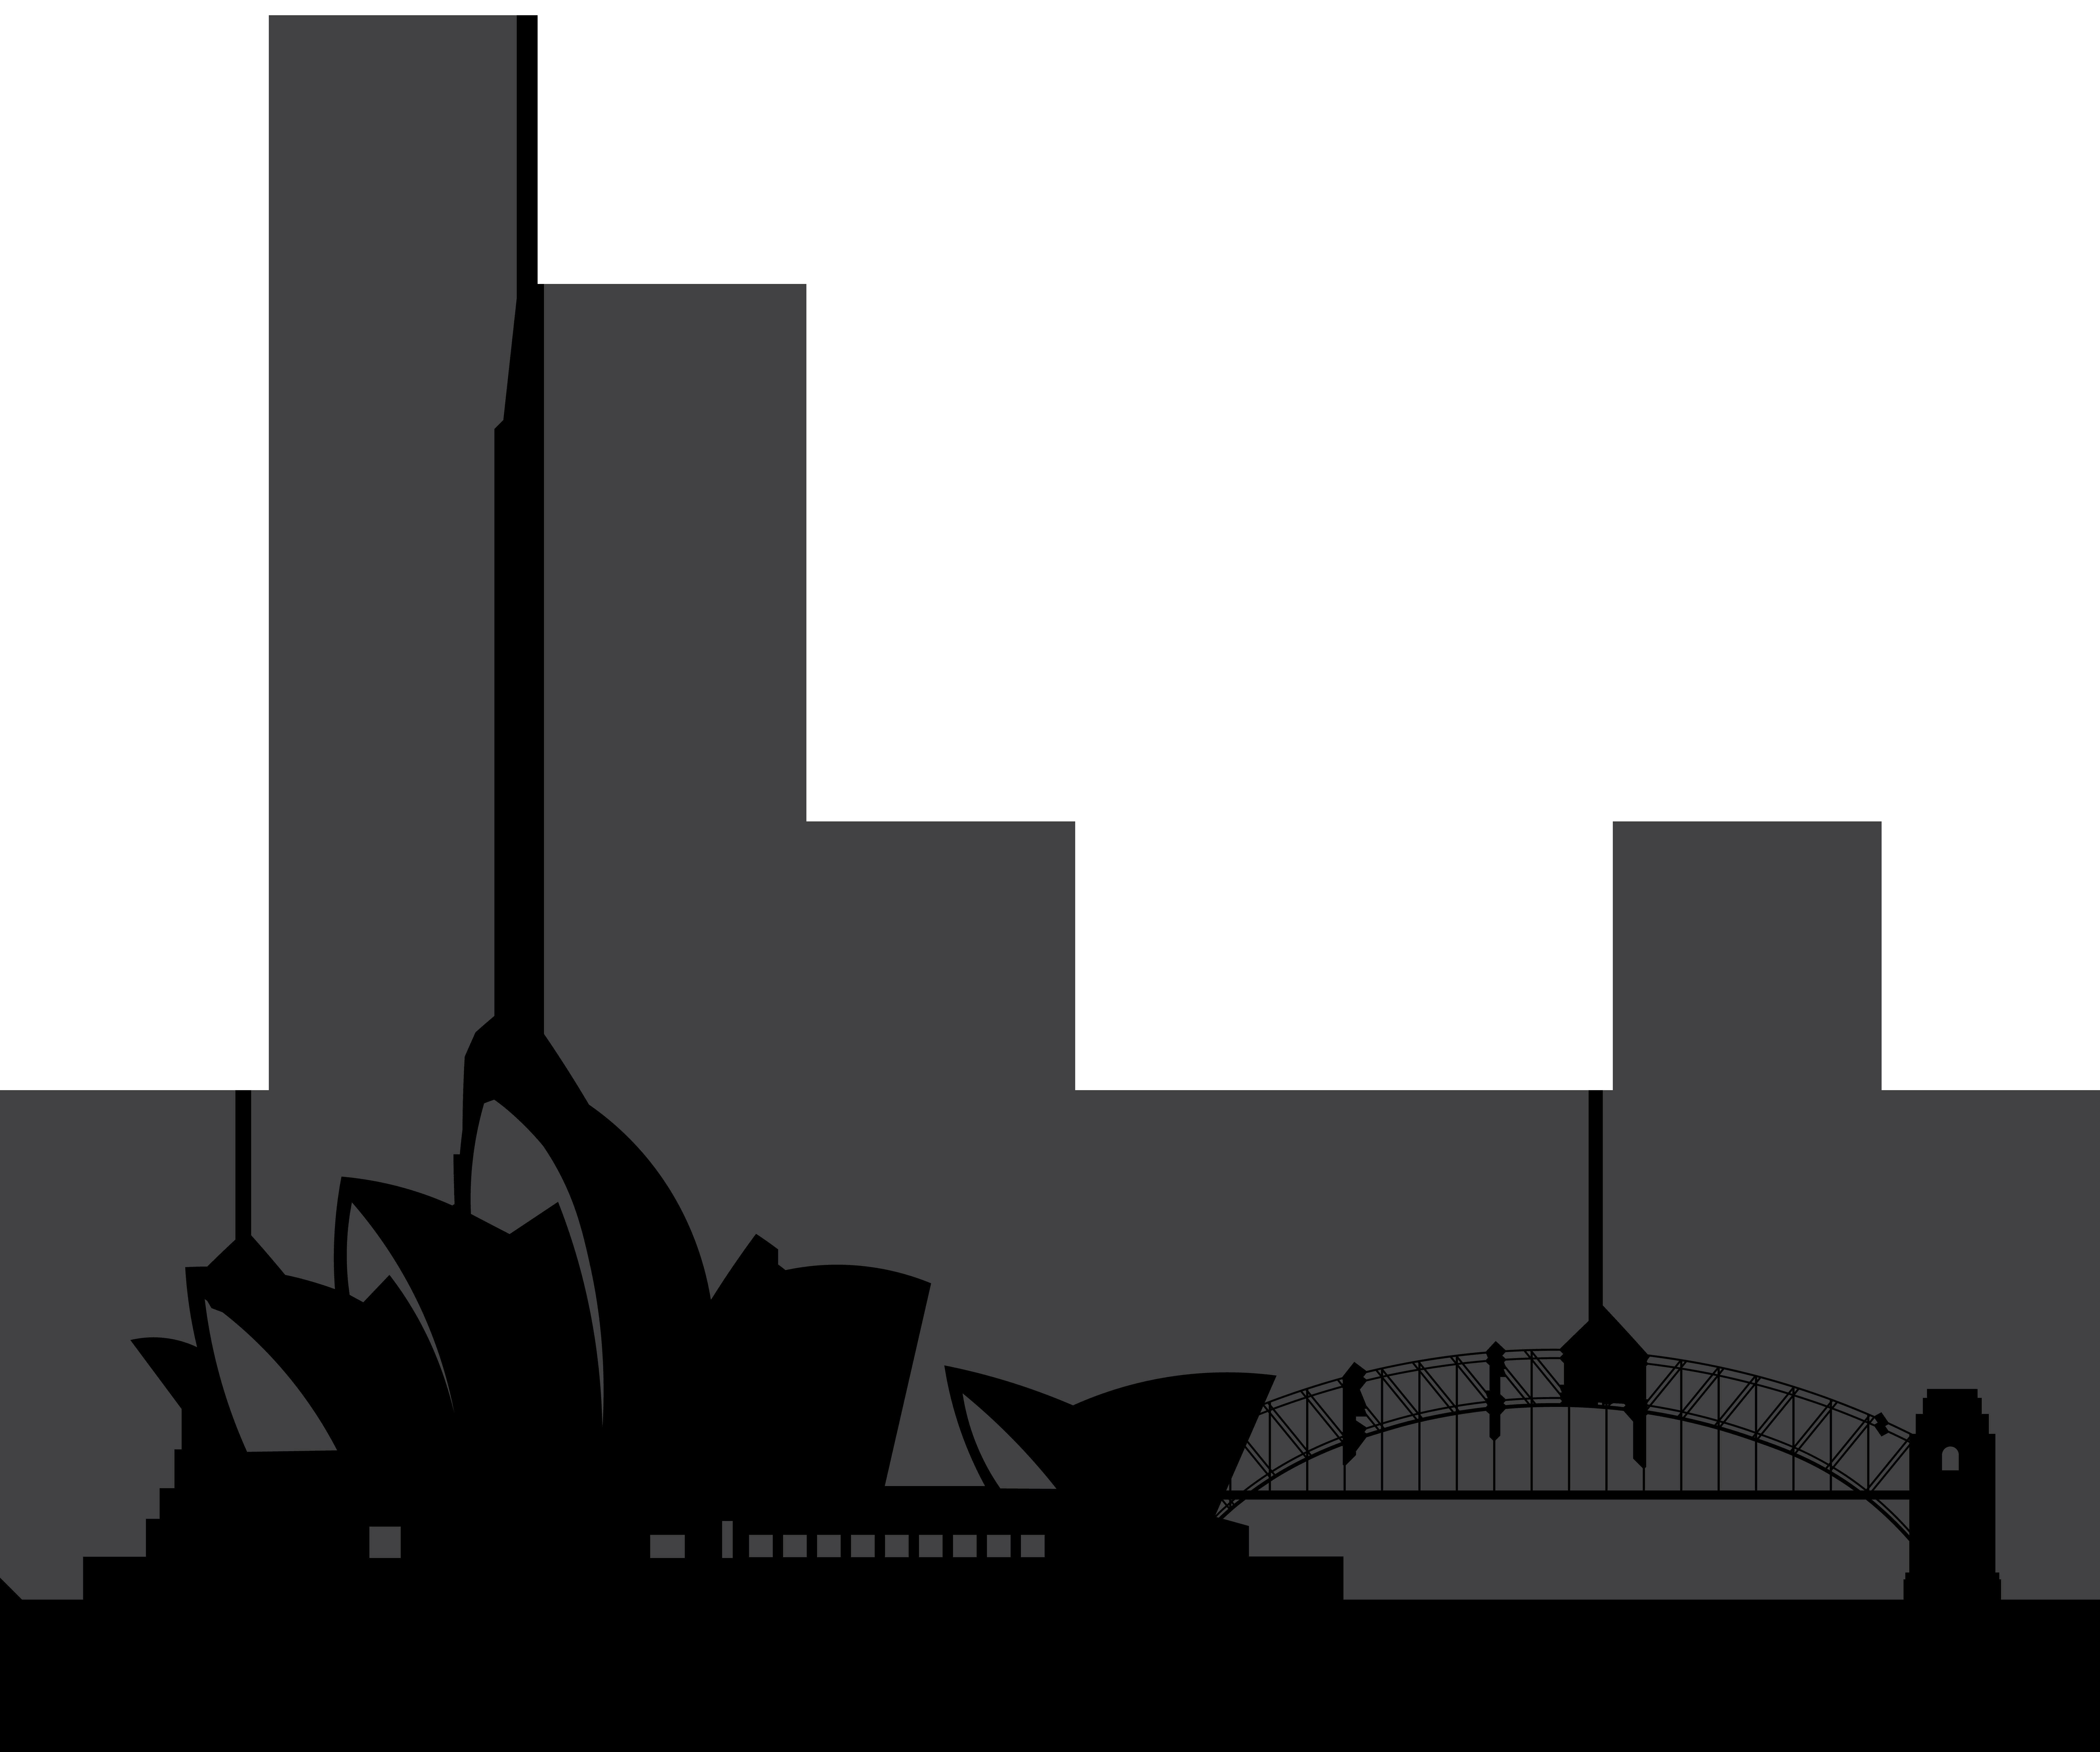 City clipart metropolitan area. Sydney australia silhouette png